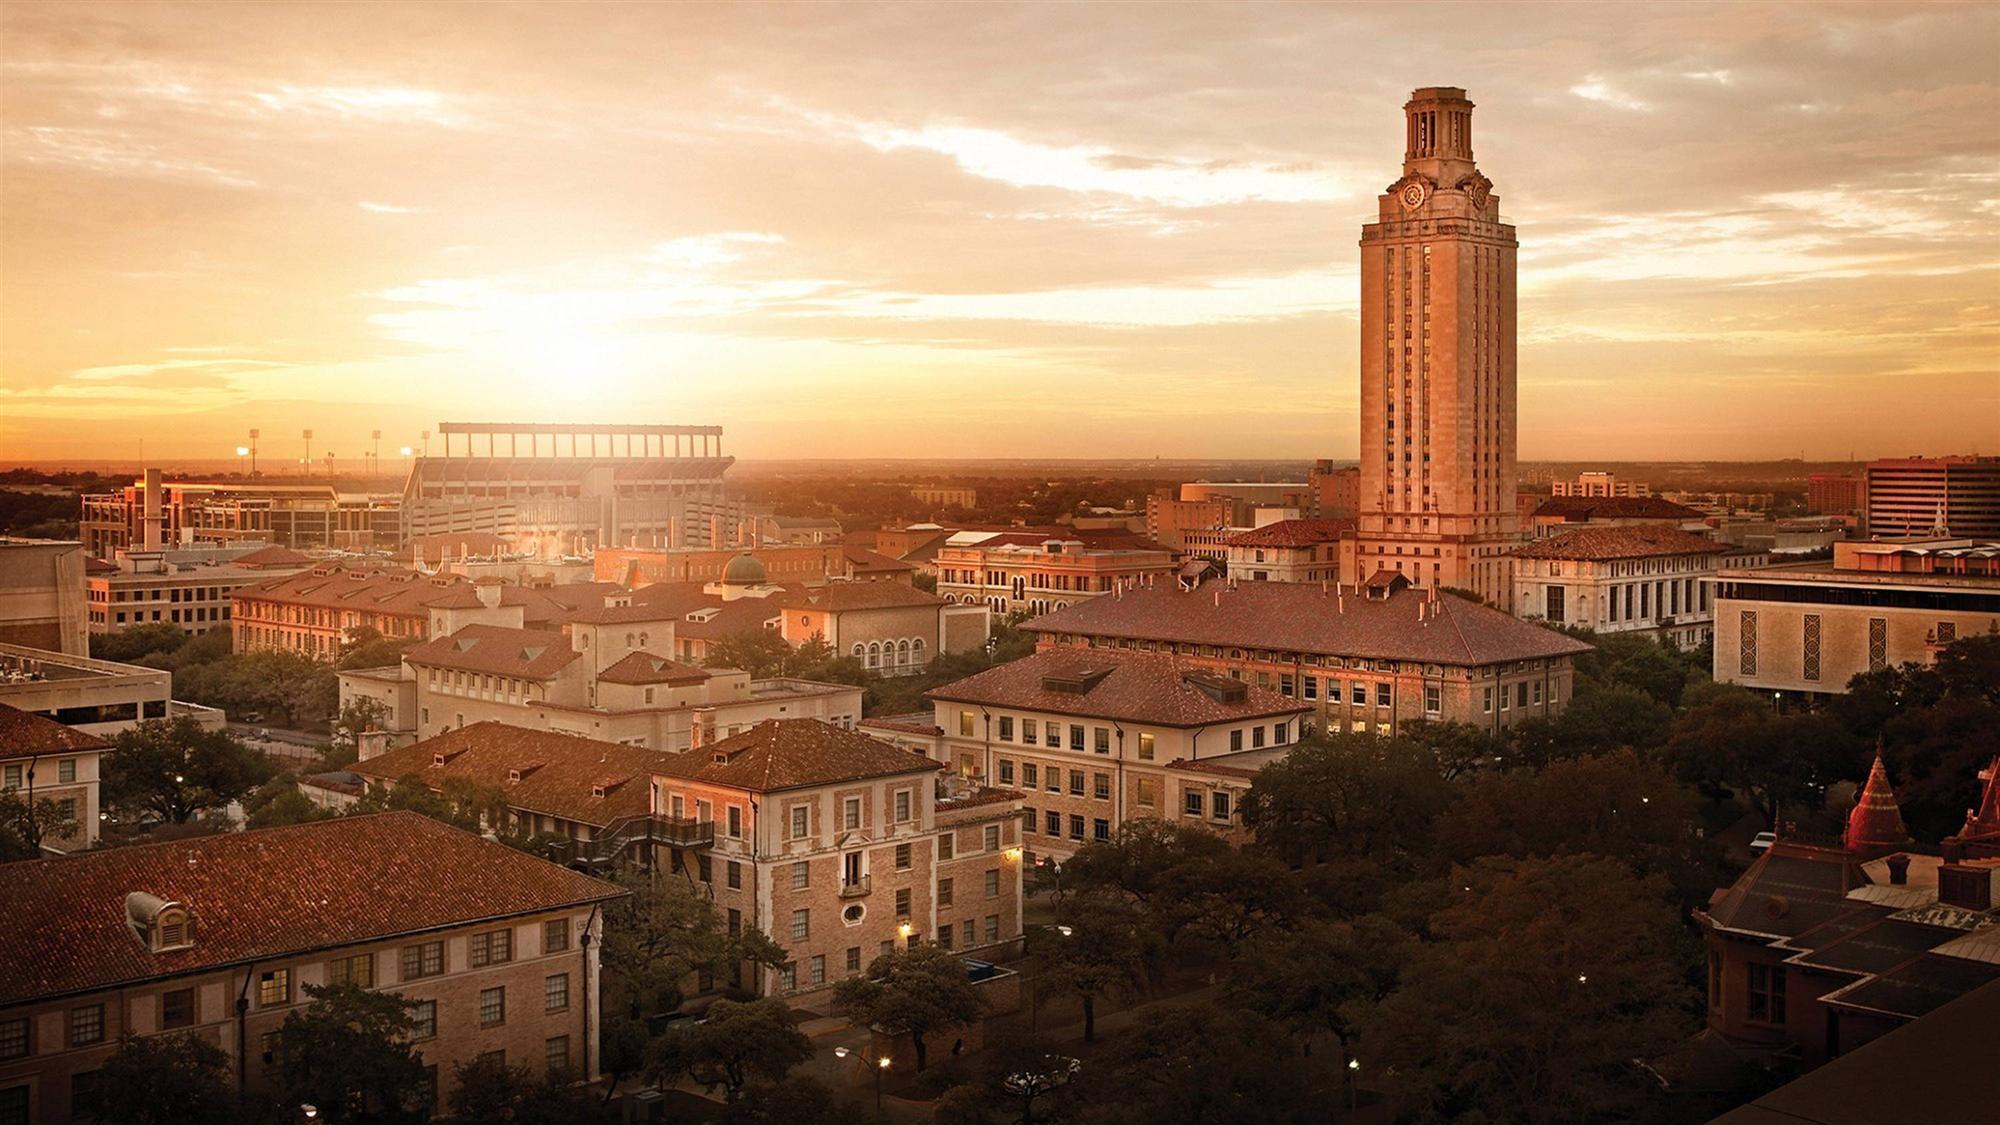 Phản ứng của 8 trường đại học top đầu Mỹ sau khi vướng vào bê bối chạy điểm chấn động thế giới-4